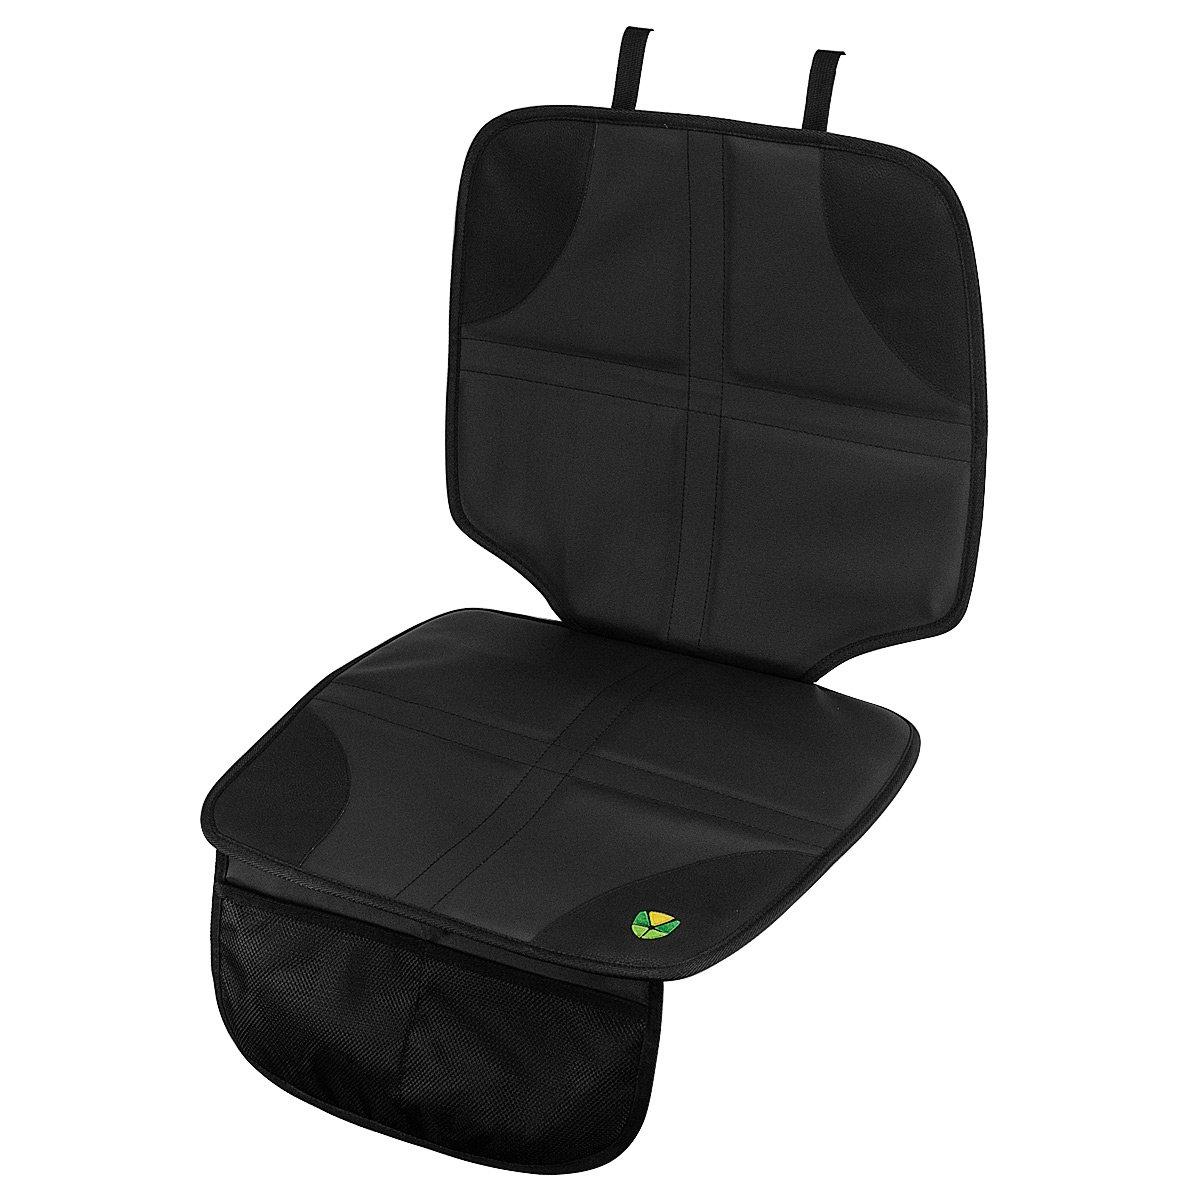 Autositzauflage Unterlage Kindersitz Spielzeugtasche Auto Sitzschoner Sitzschutz (Schwarz) MidGard 4251001625754